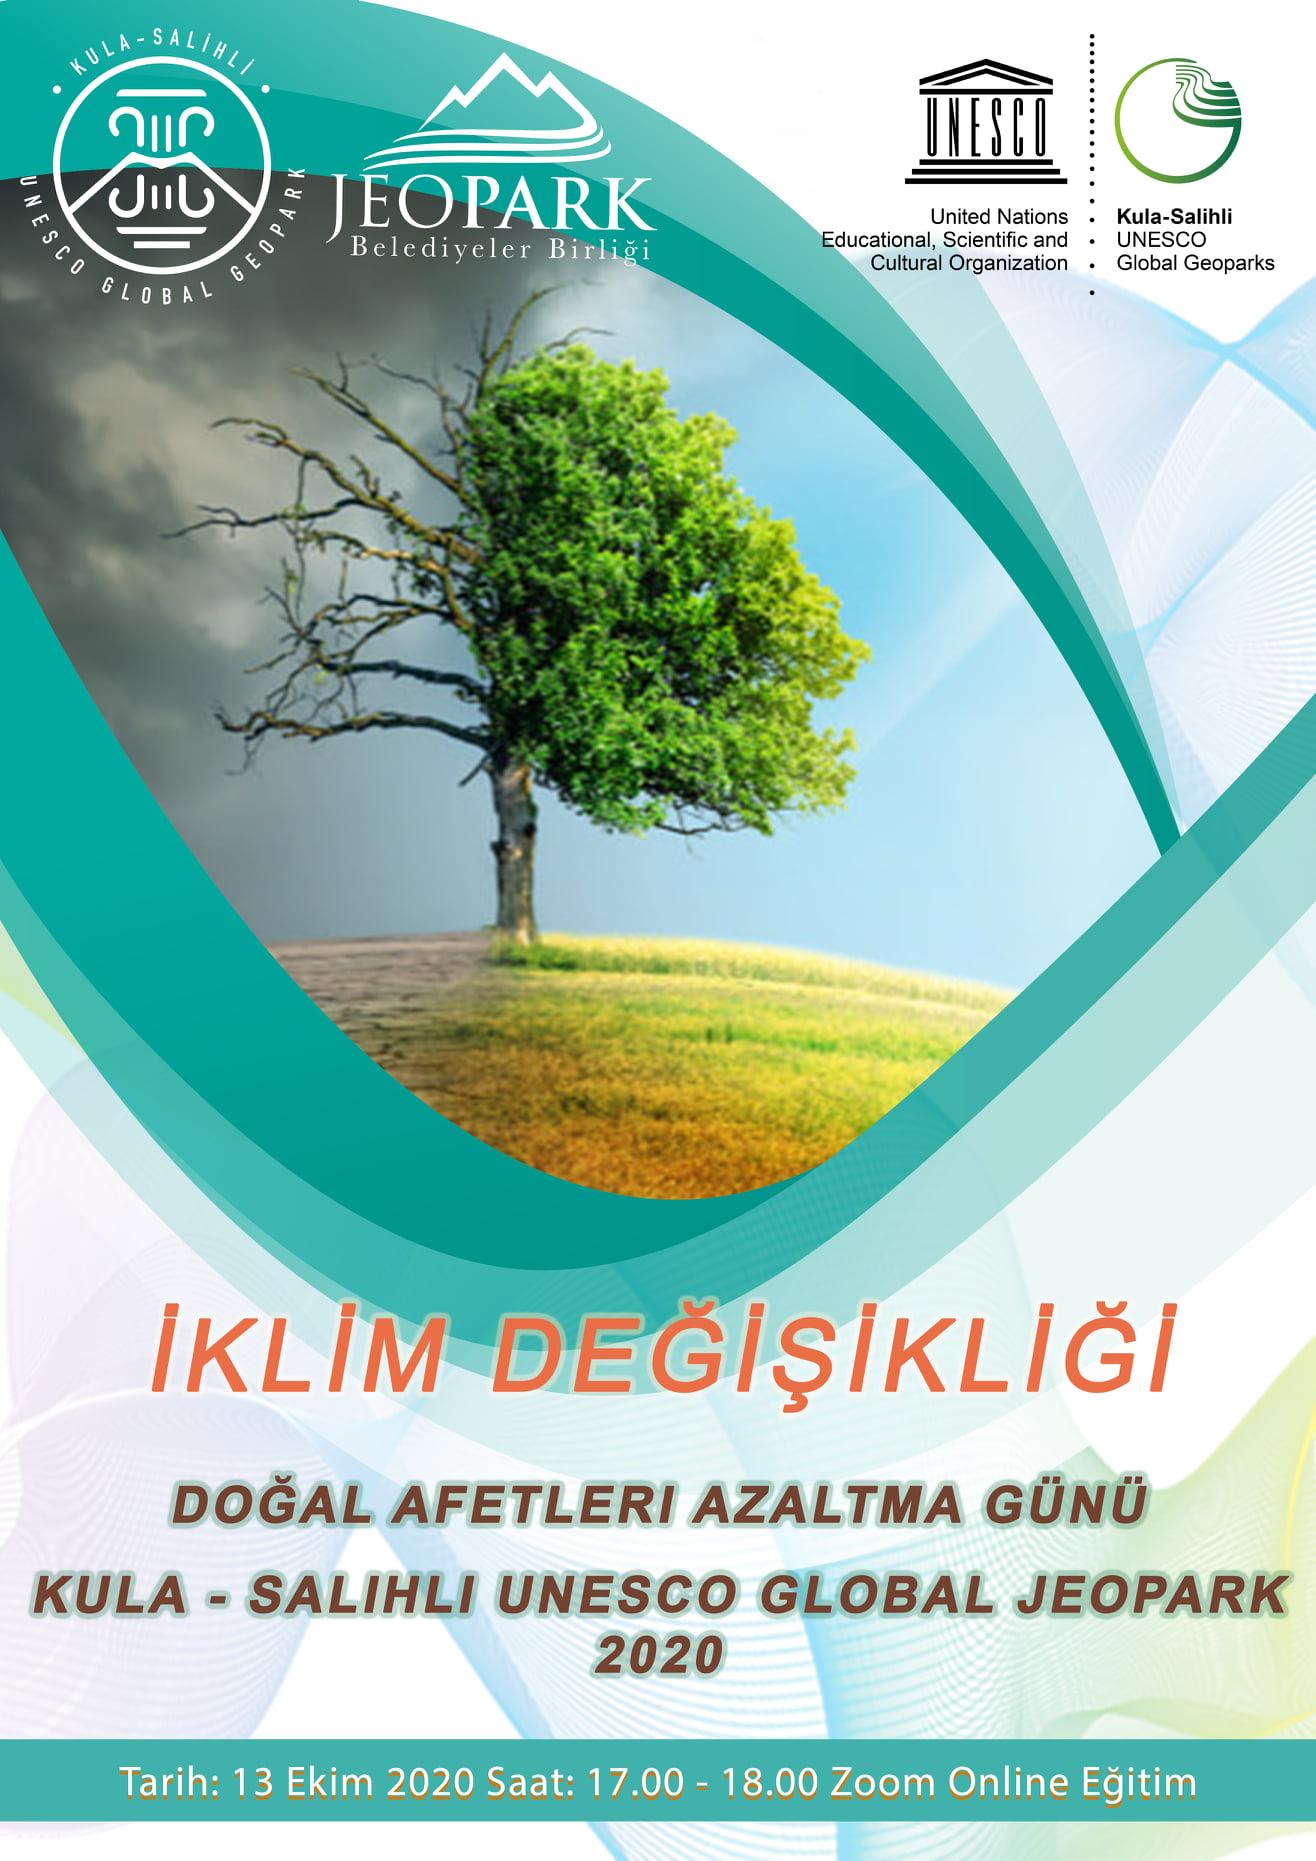 13 Ekim Uluslararası Doğal Afetlerin Azaltılması Günü Etkinliği